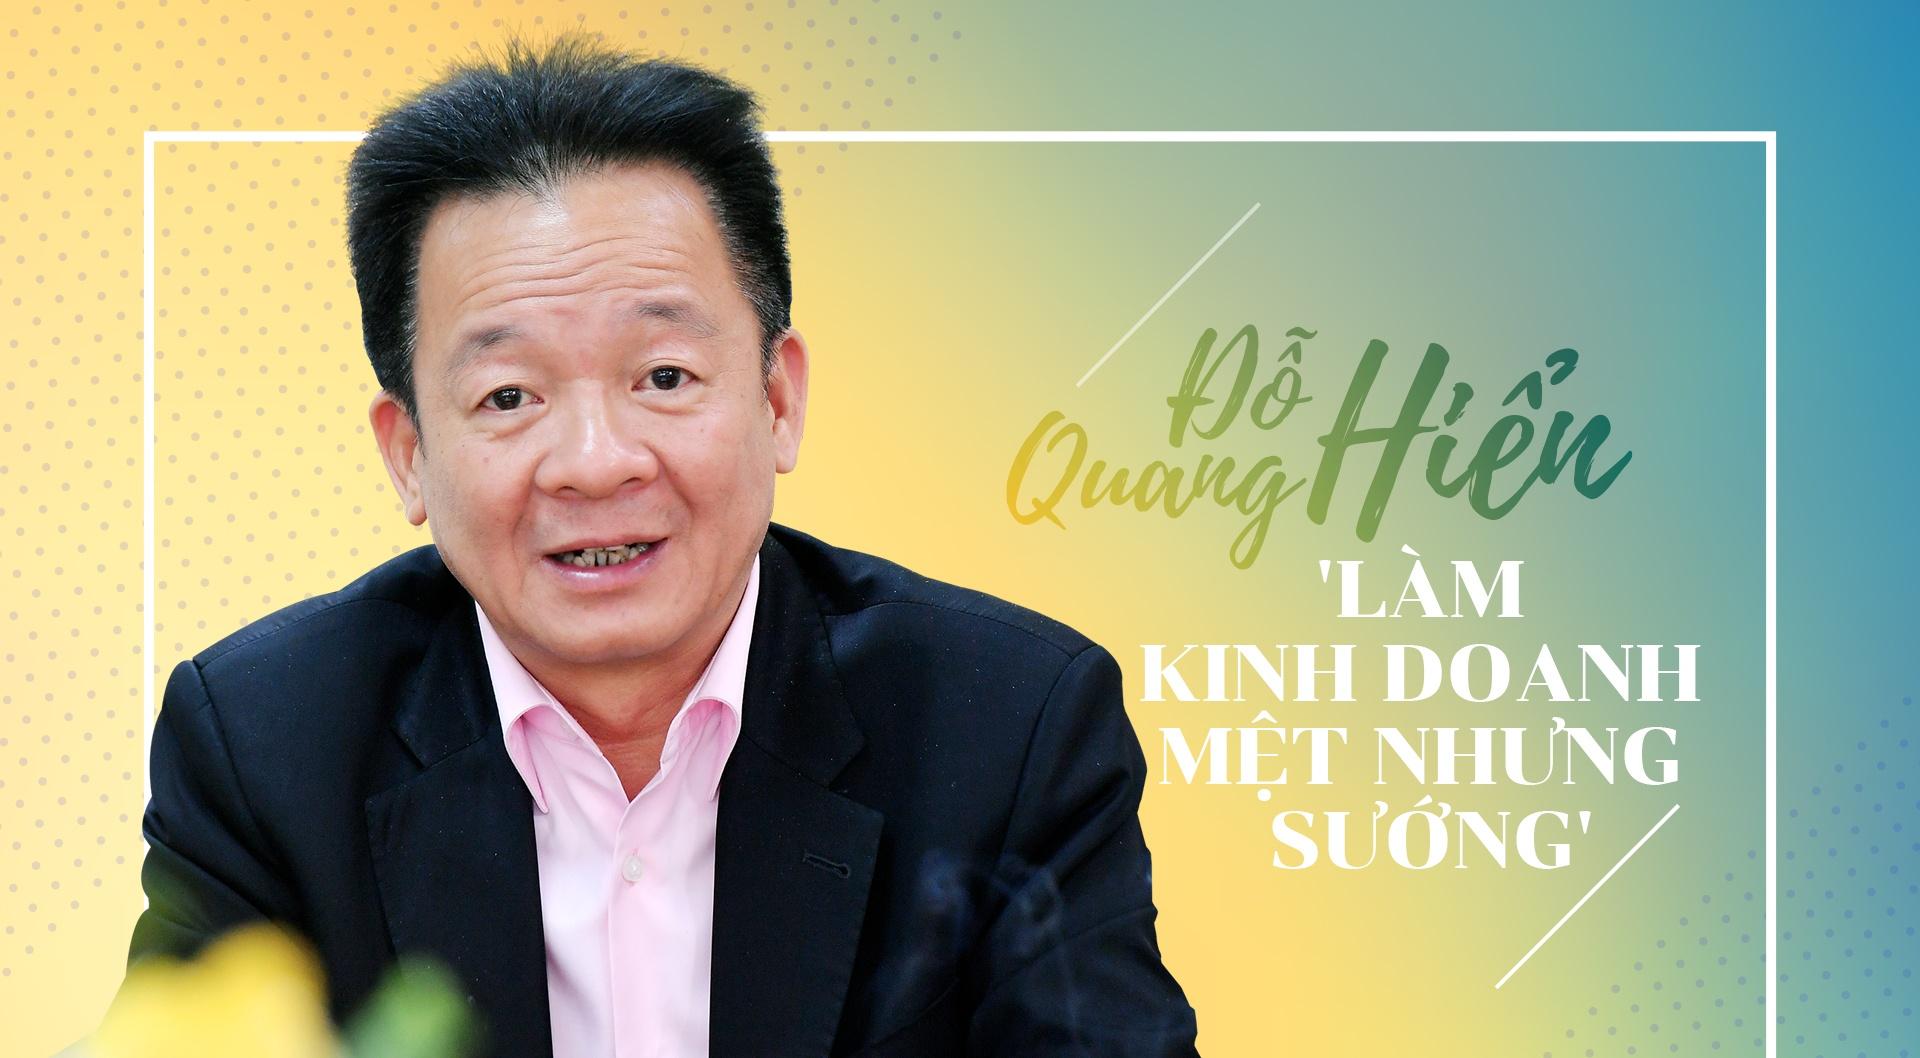 Bau Hien: 'Lam kinh doanh met nhung suong' hinh anh 2